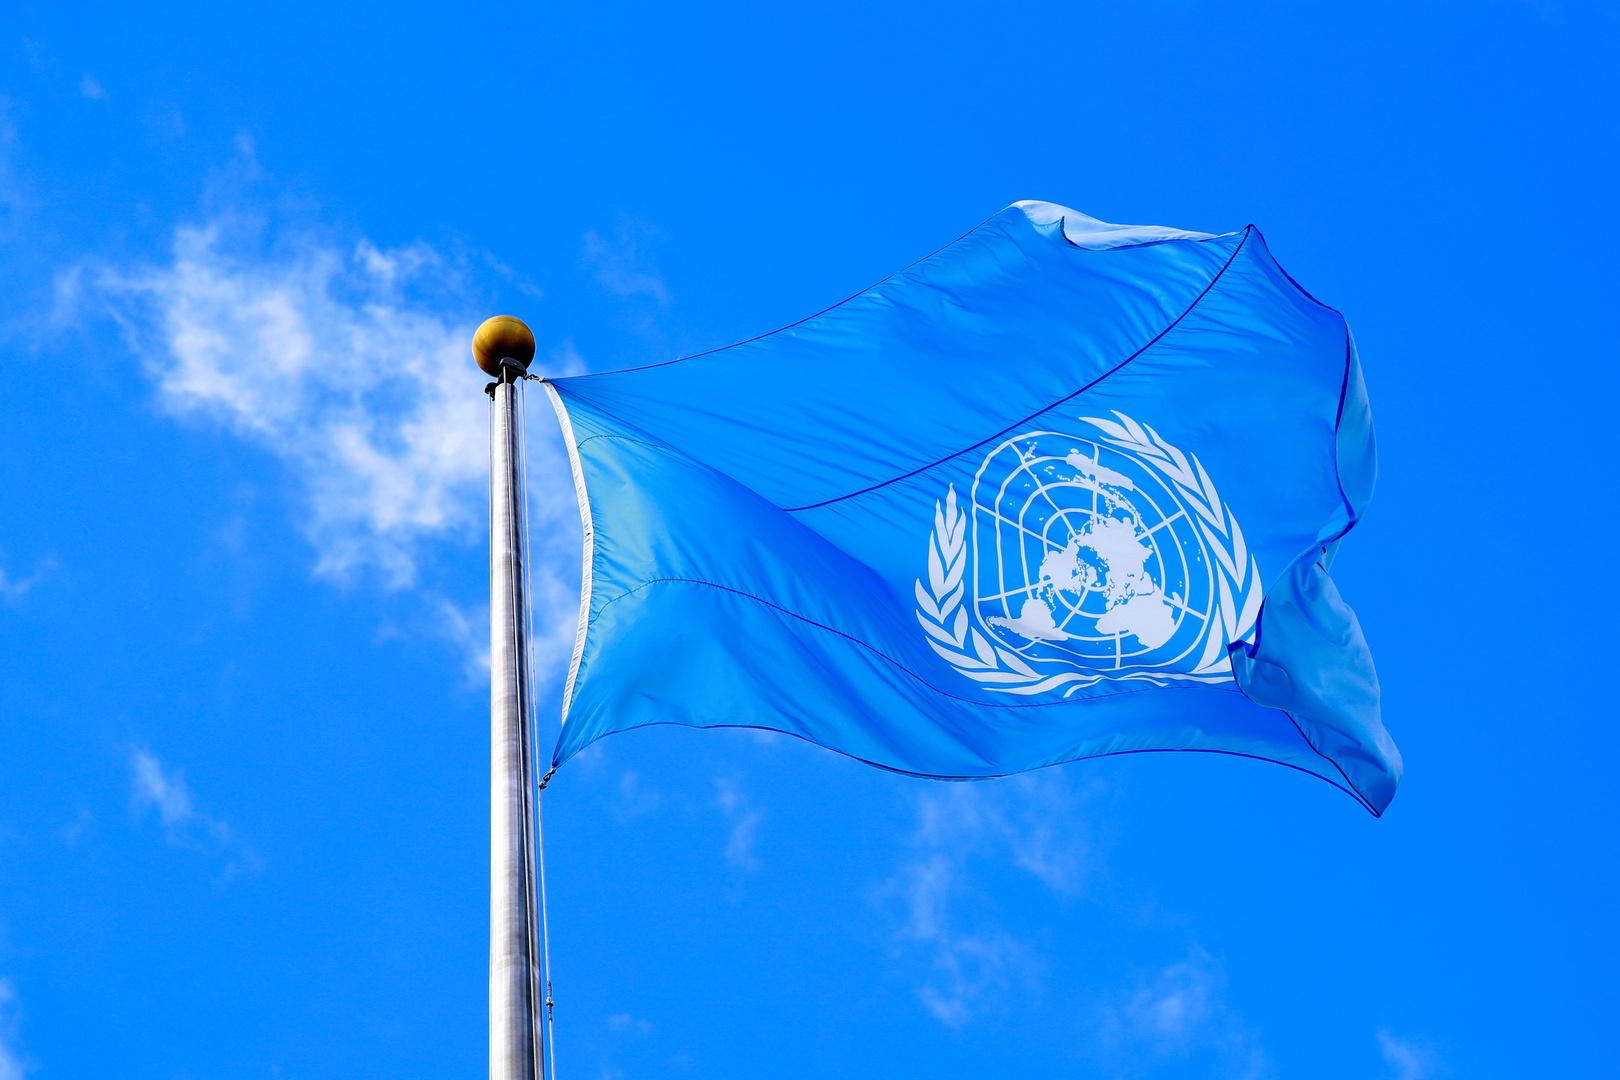 الأمم المتحدة تدعو مصر والسودان وإثيوبيا للالتزام بمسار التفاوض في قضية سد النهضة